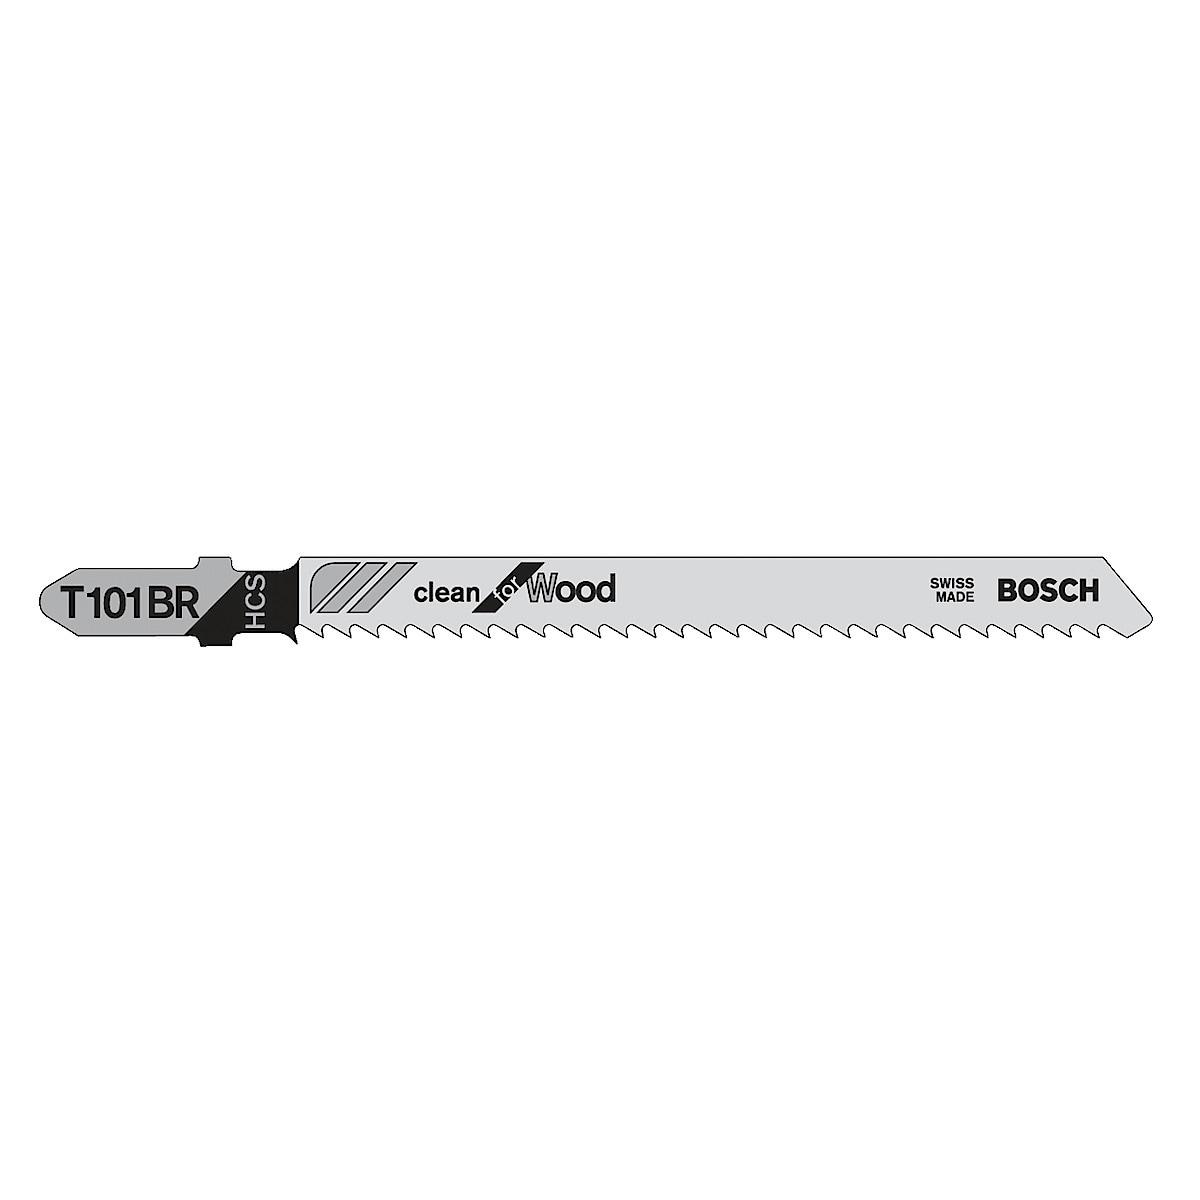 Sticksågsblad HCS T101BR Bosch